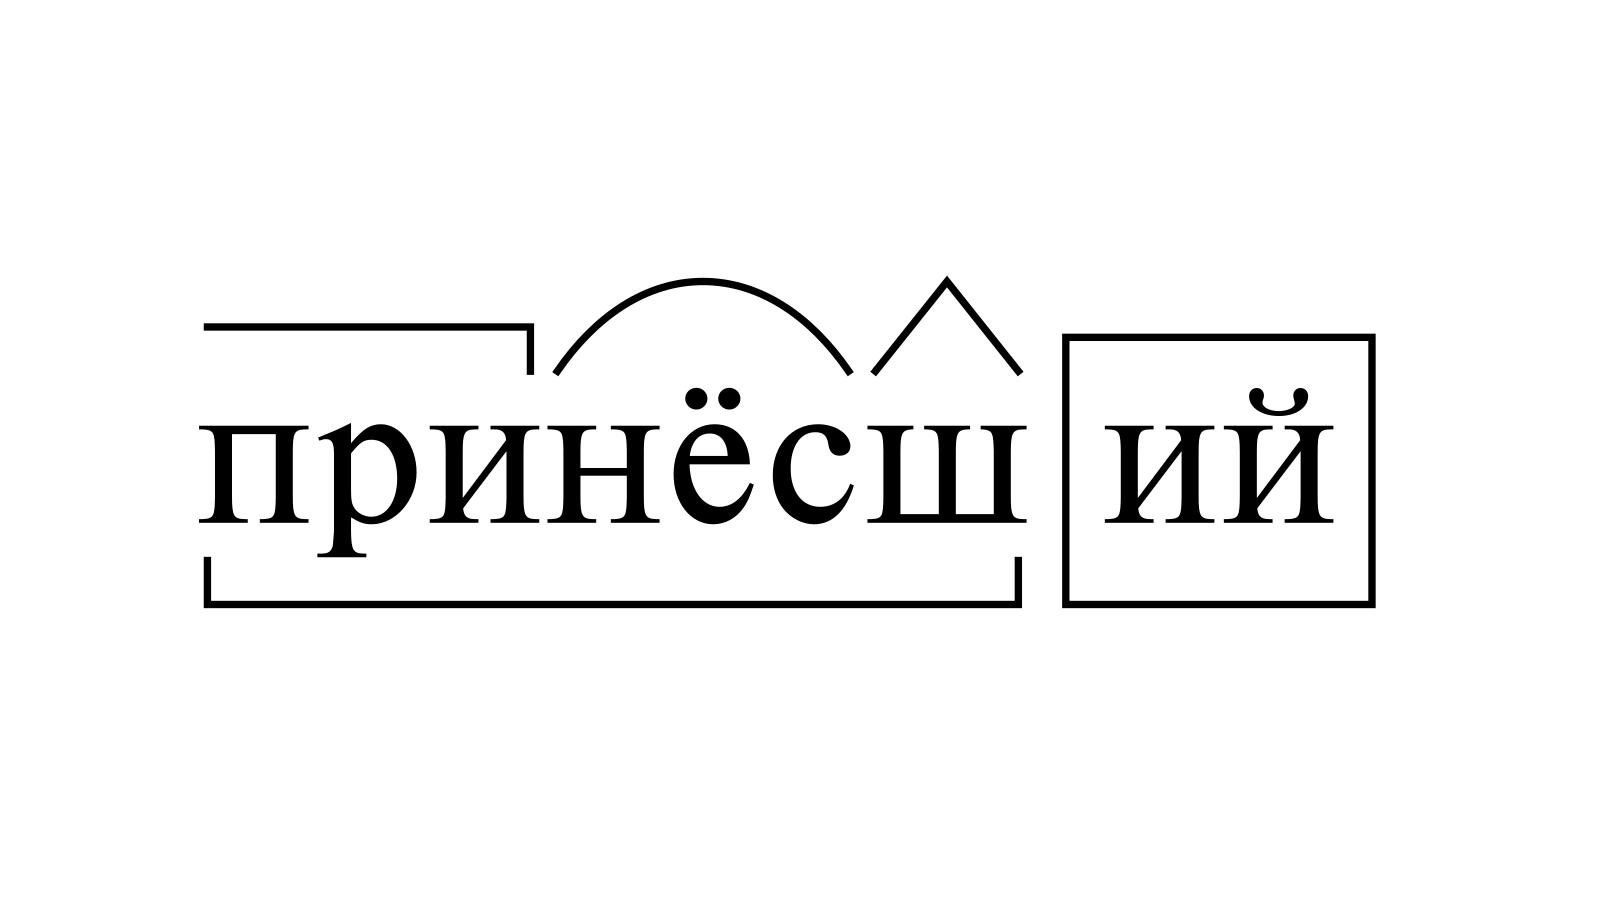 Разбор слова «принёсший» по составу